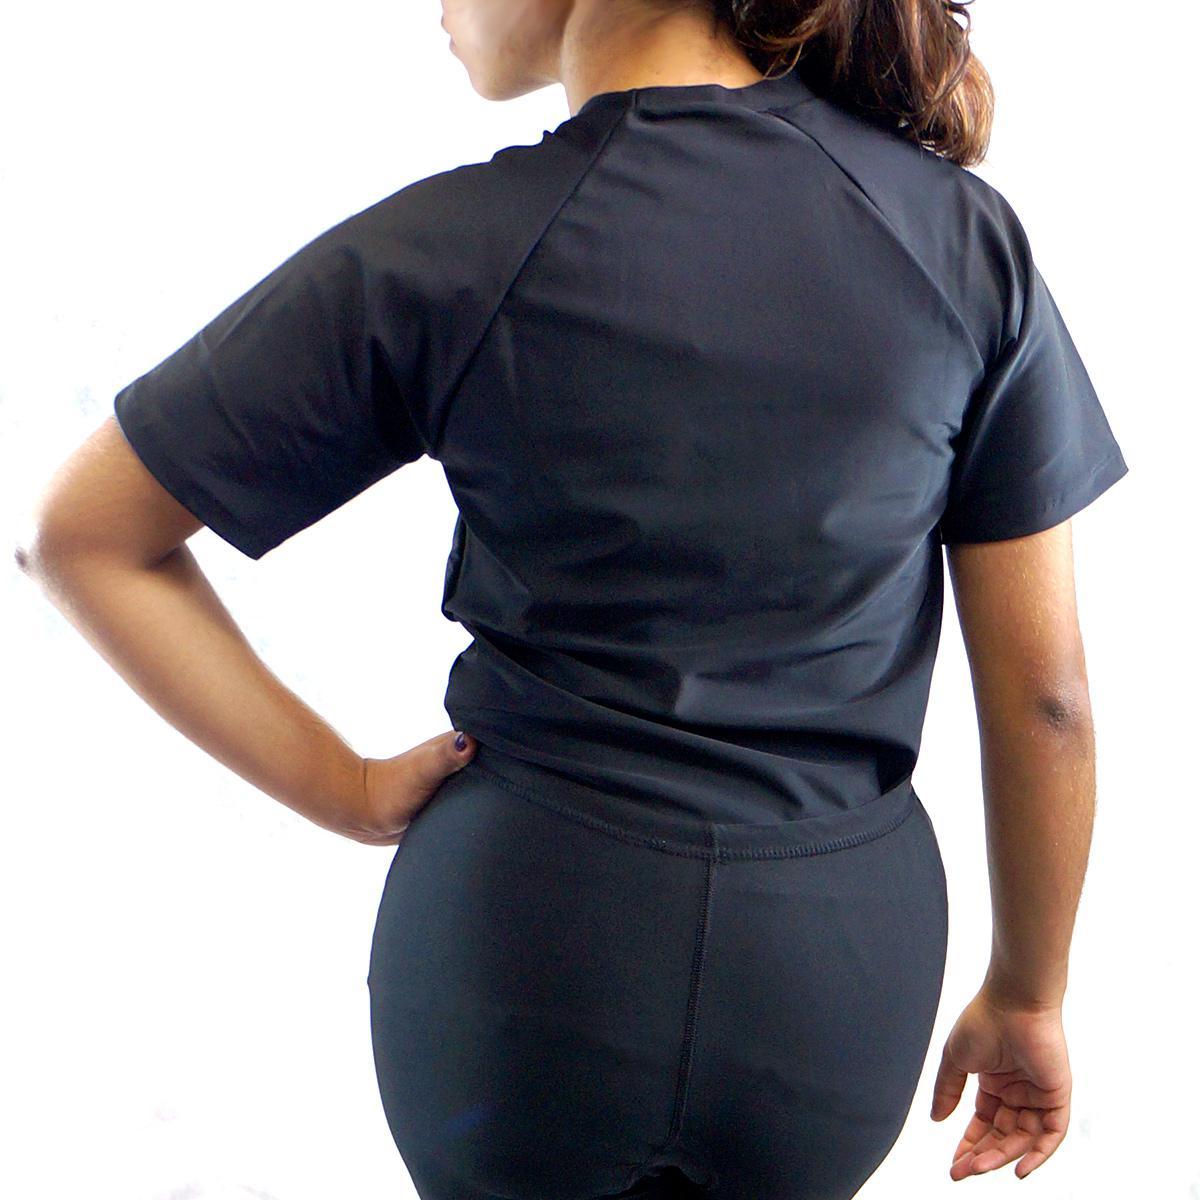 e1c123414a Camisa Térmica Unissex Rash Guard Segunda Pele Manga Curta Progne Produto  não disponível